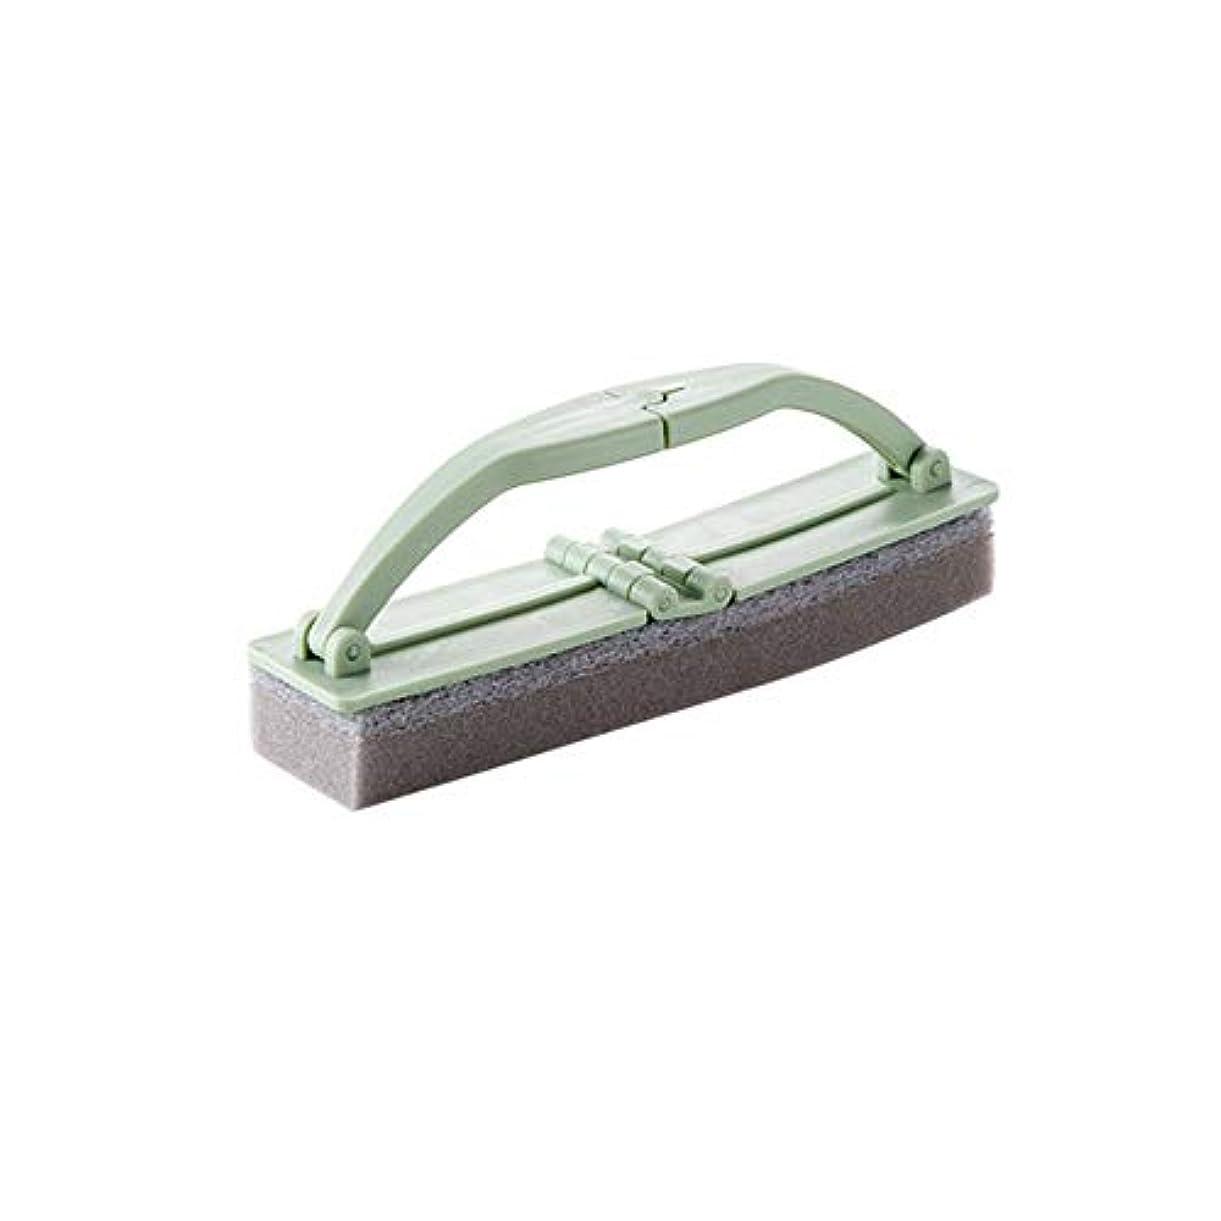 挨拶する返還権限を与えるポアクリーニング 折りたたみ式の浴室スポンジハンドル付き強力な汚染除去タイルクリーニングスポンジブラシ2 PCS マッサージブラシ (色 : 緑)